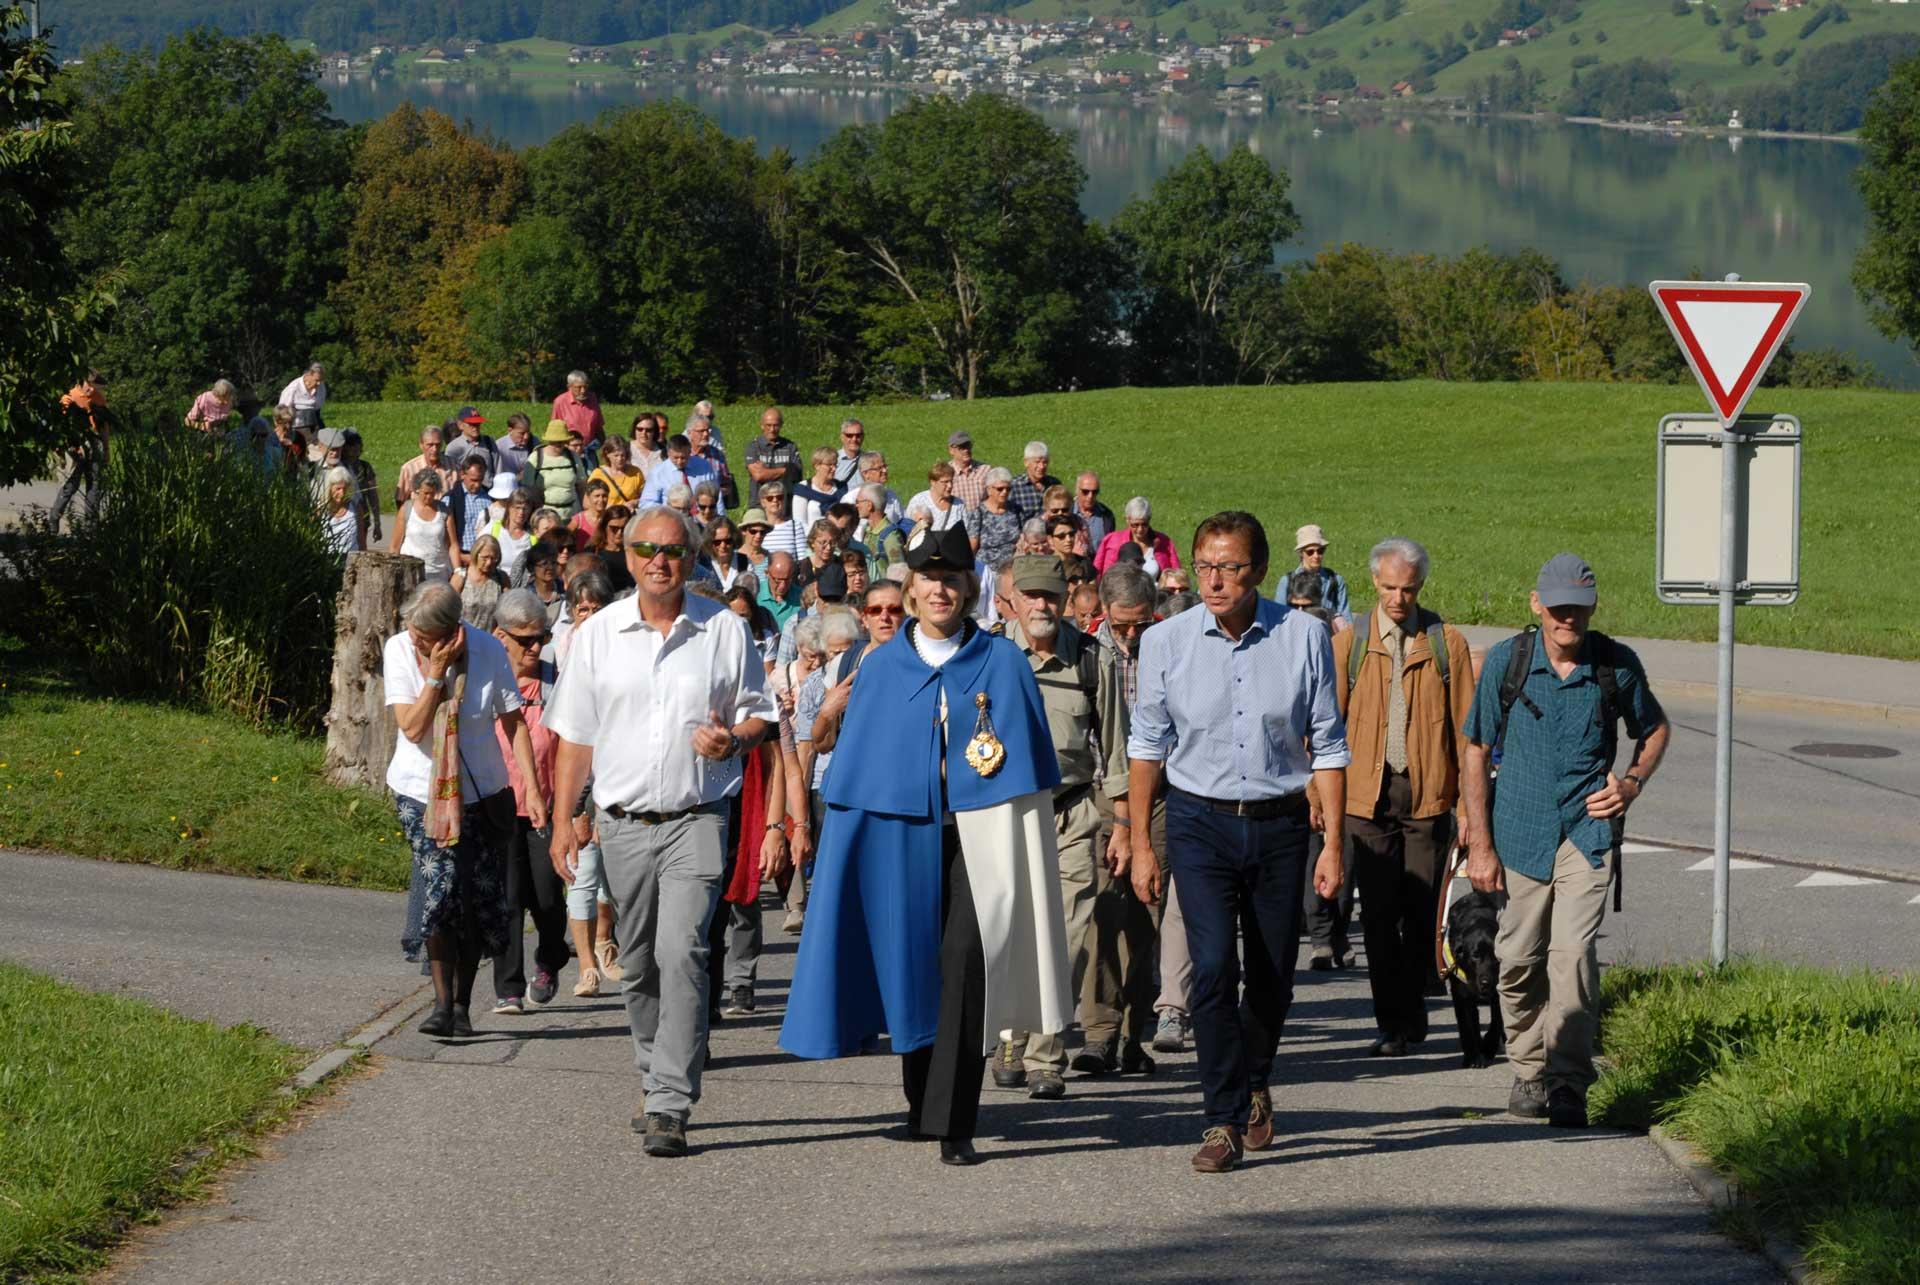 Unterwegs bei strahlendem Wetter – Die Pilgerinnen und Pilger folgen der Delegation der Luzerner Regierung mit der Standesweibelin von Sachseln nach Flühli.   © 2019 Tatjana Troxler